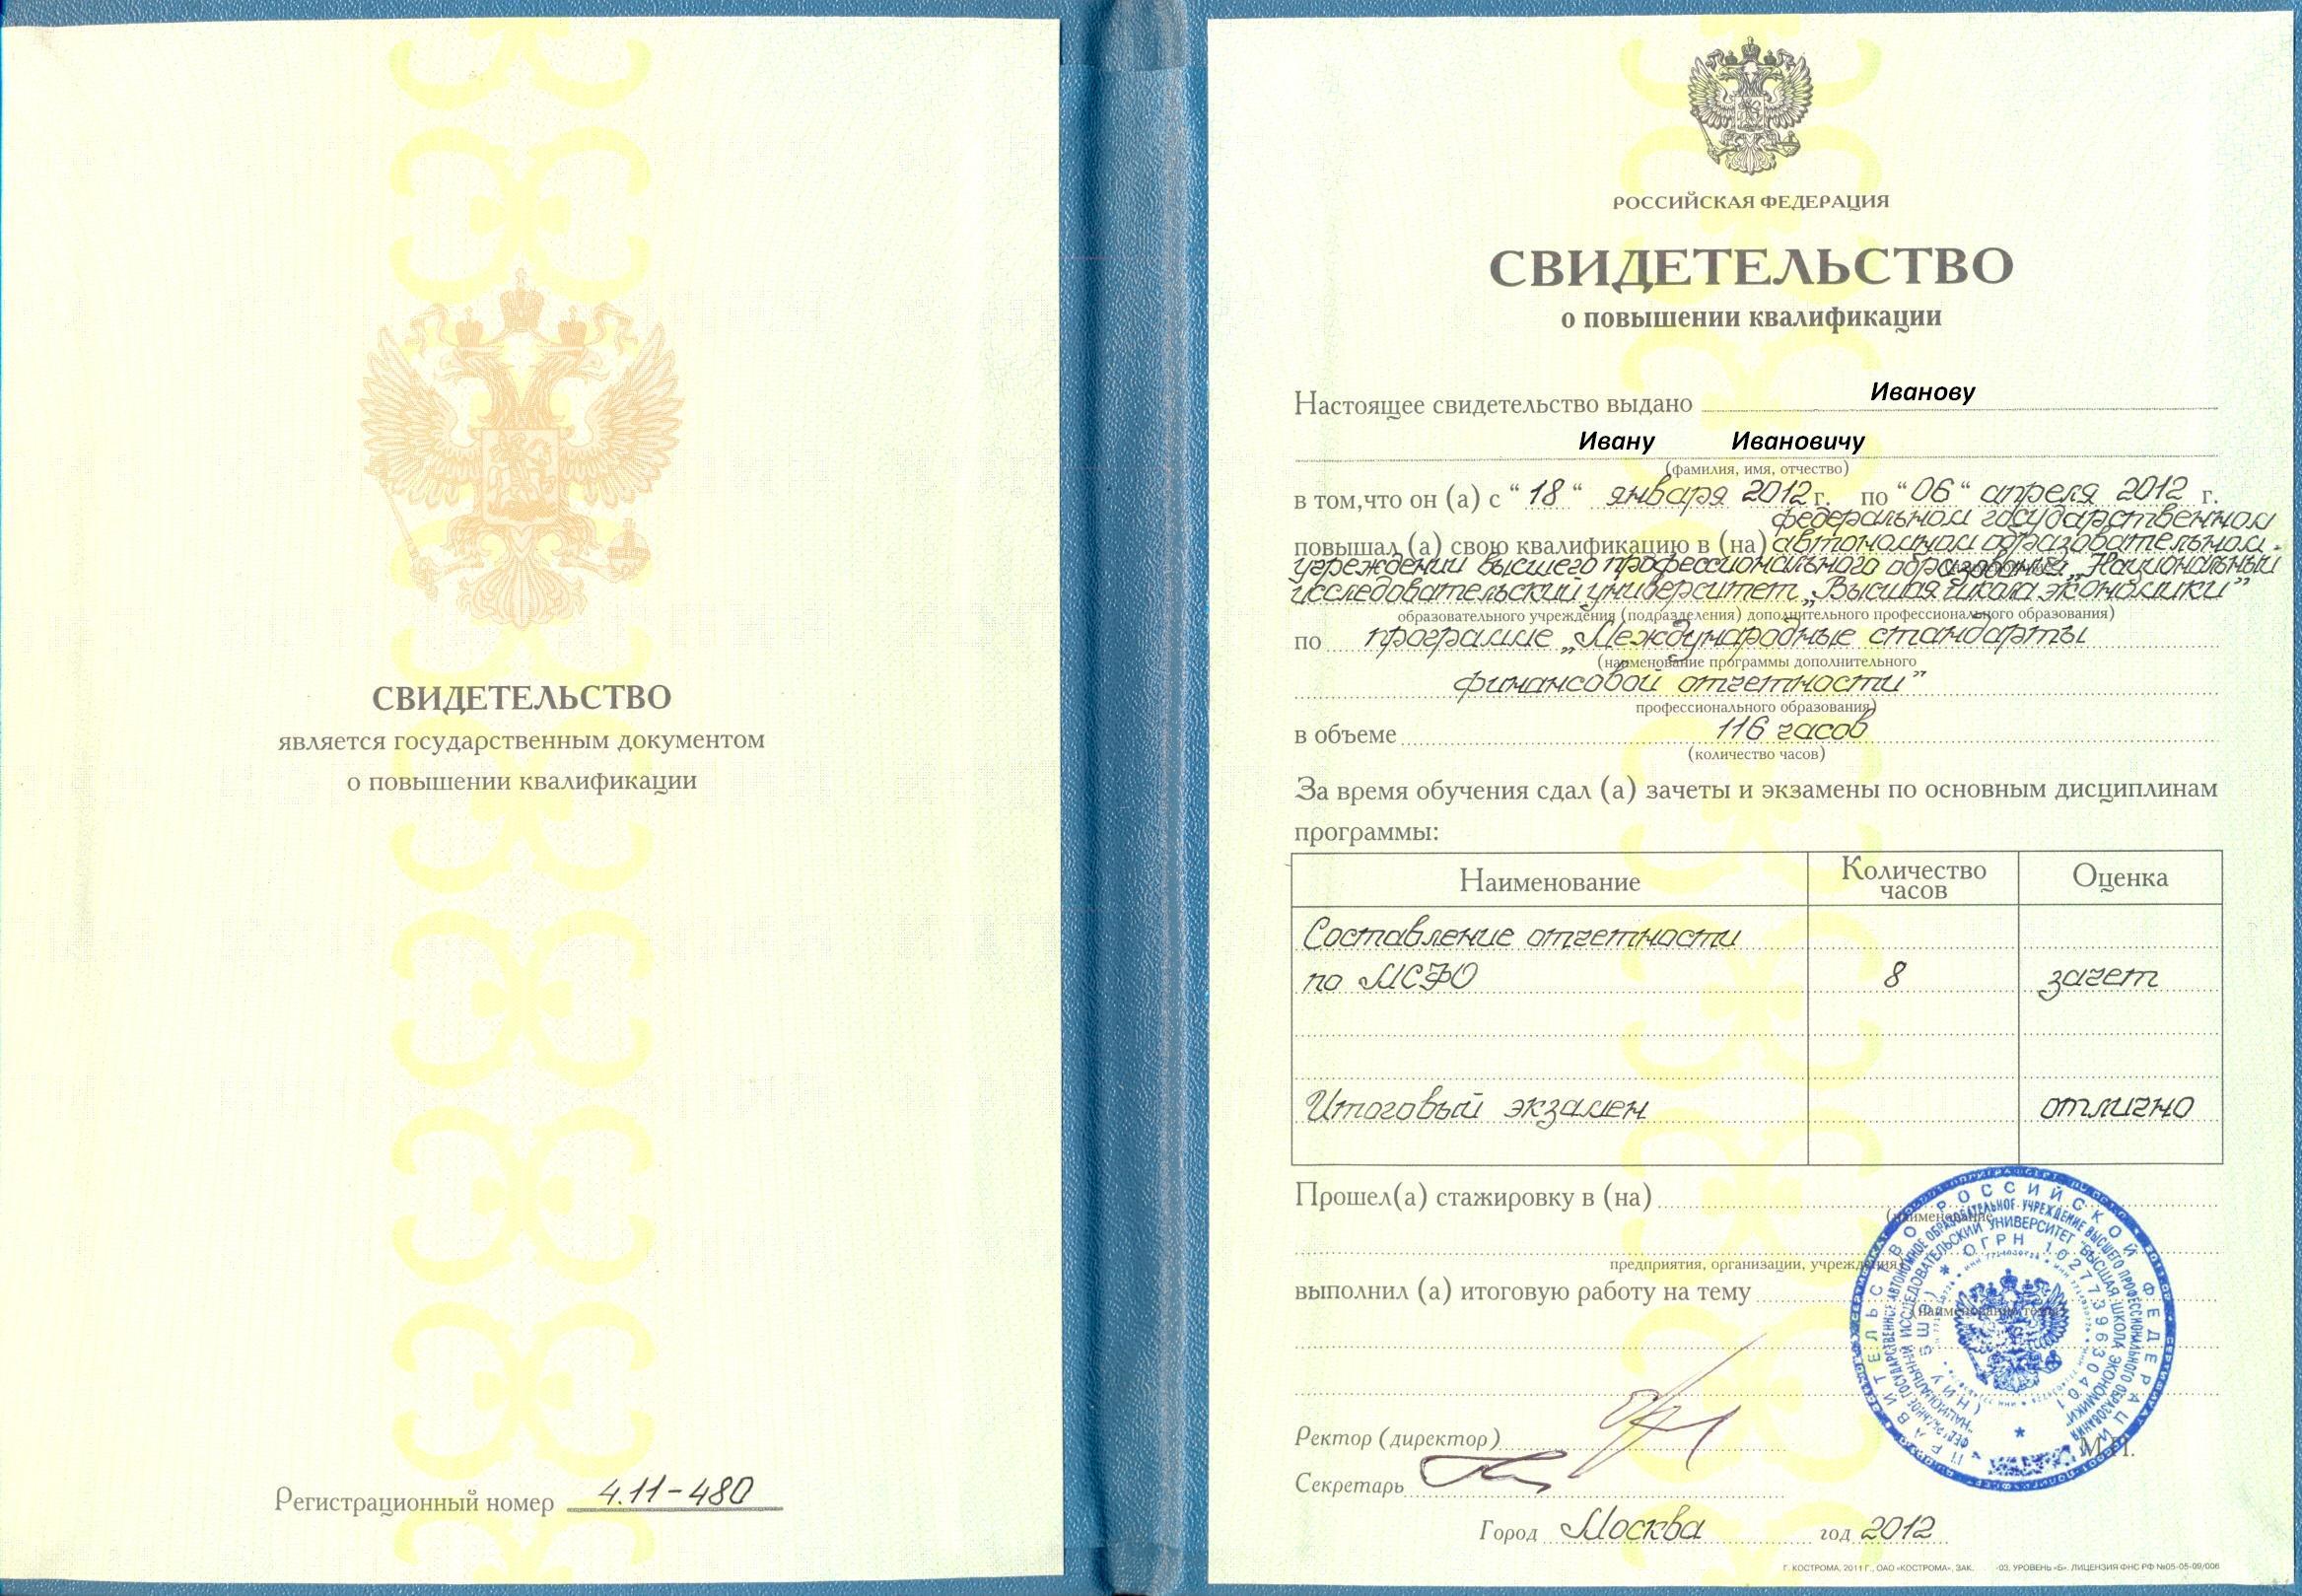 Купить диплом врача с проводкой Фото из Мск Купить диплом врача с проводкой